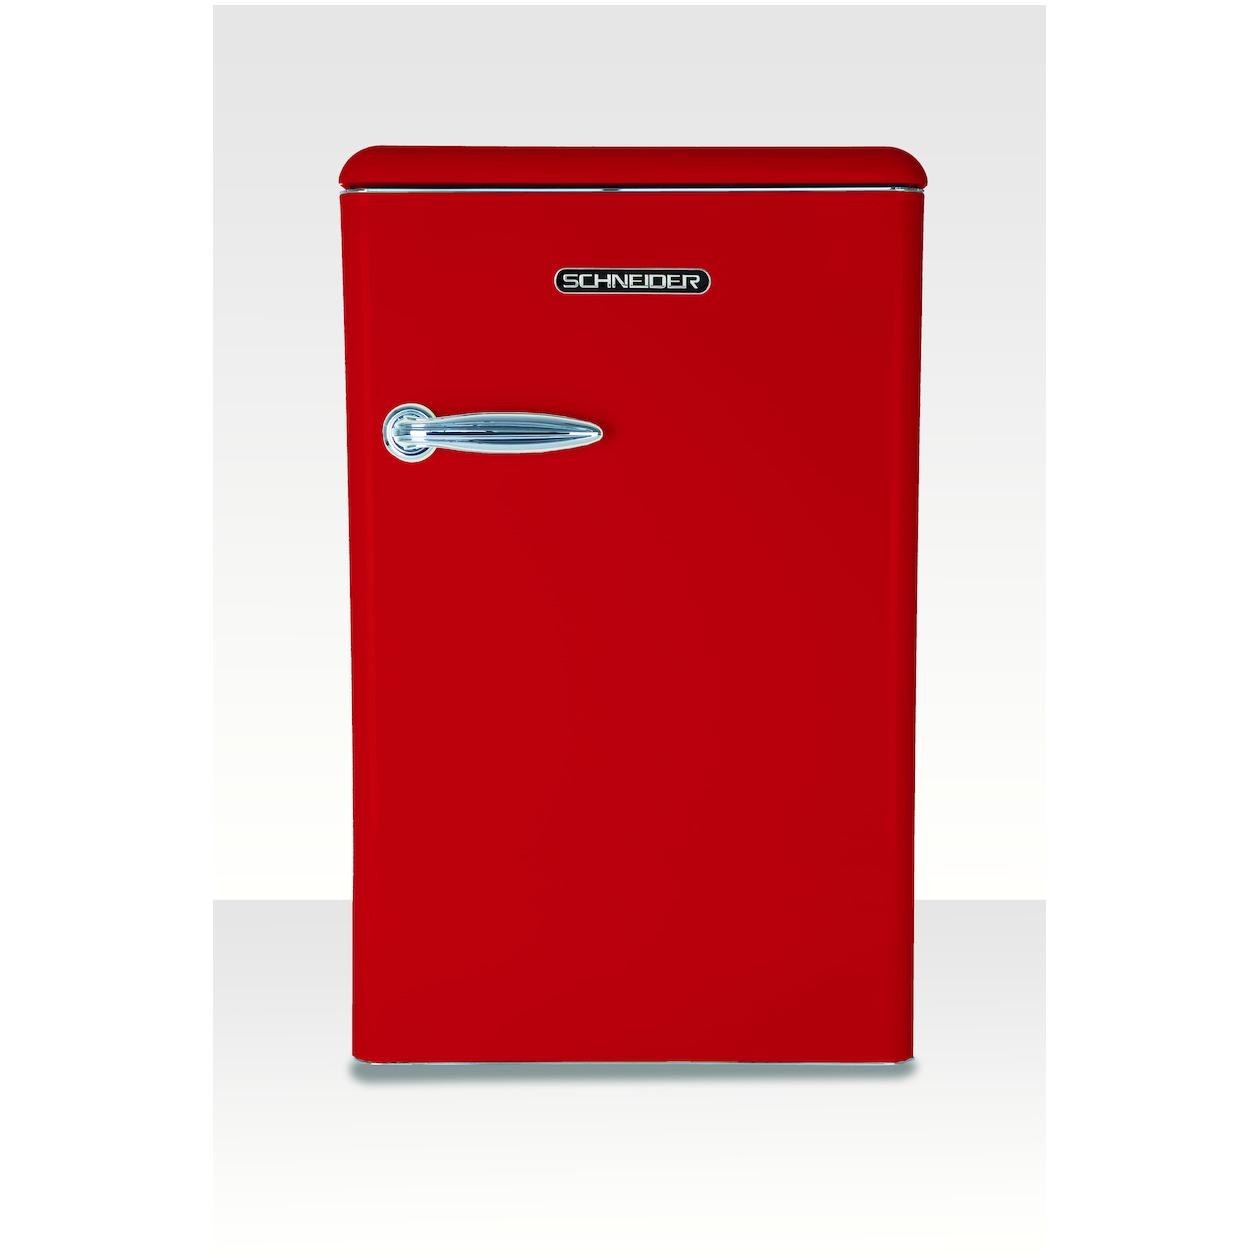 Schneider koelkast zonder vriesvak SL 130 FR-TT A++ Fire Red - Prijsvergelijk